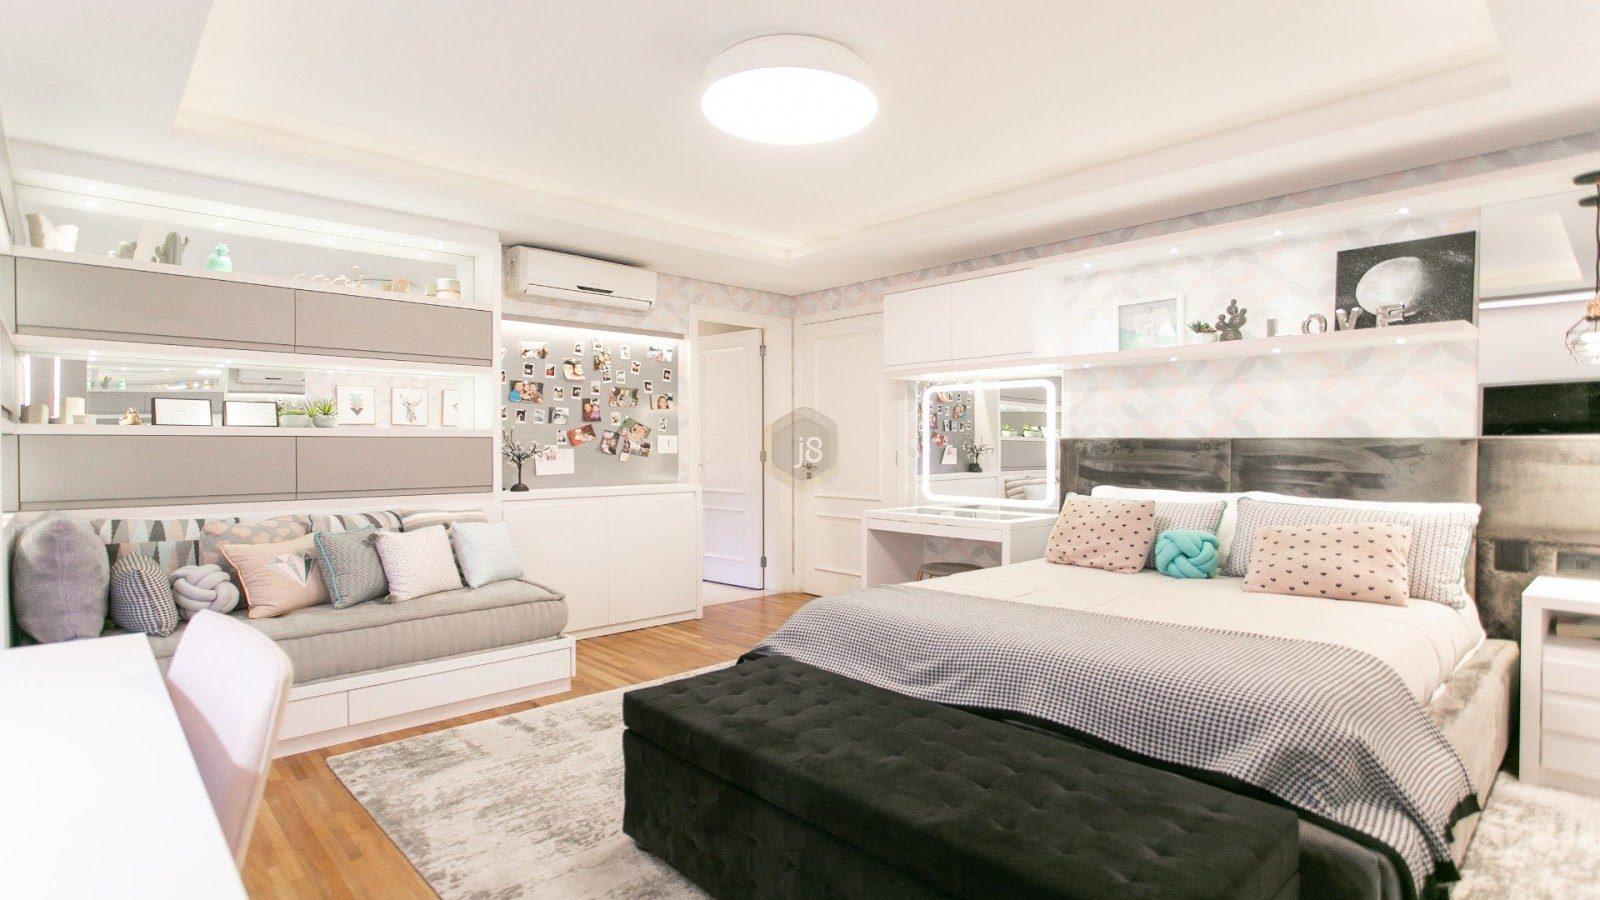 quarto de adolescente com almofadas coloridas e decoração divertida